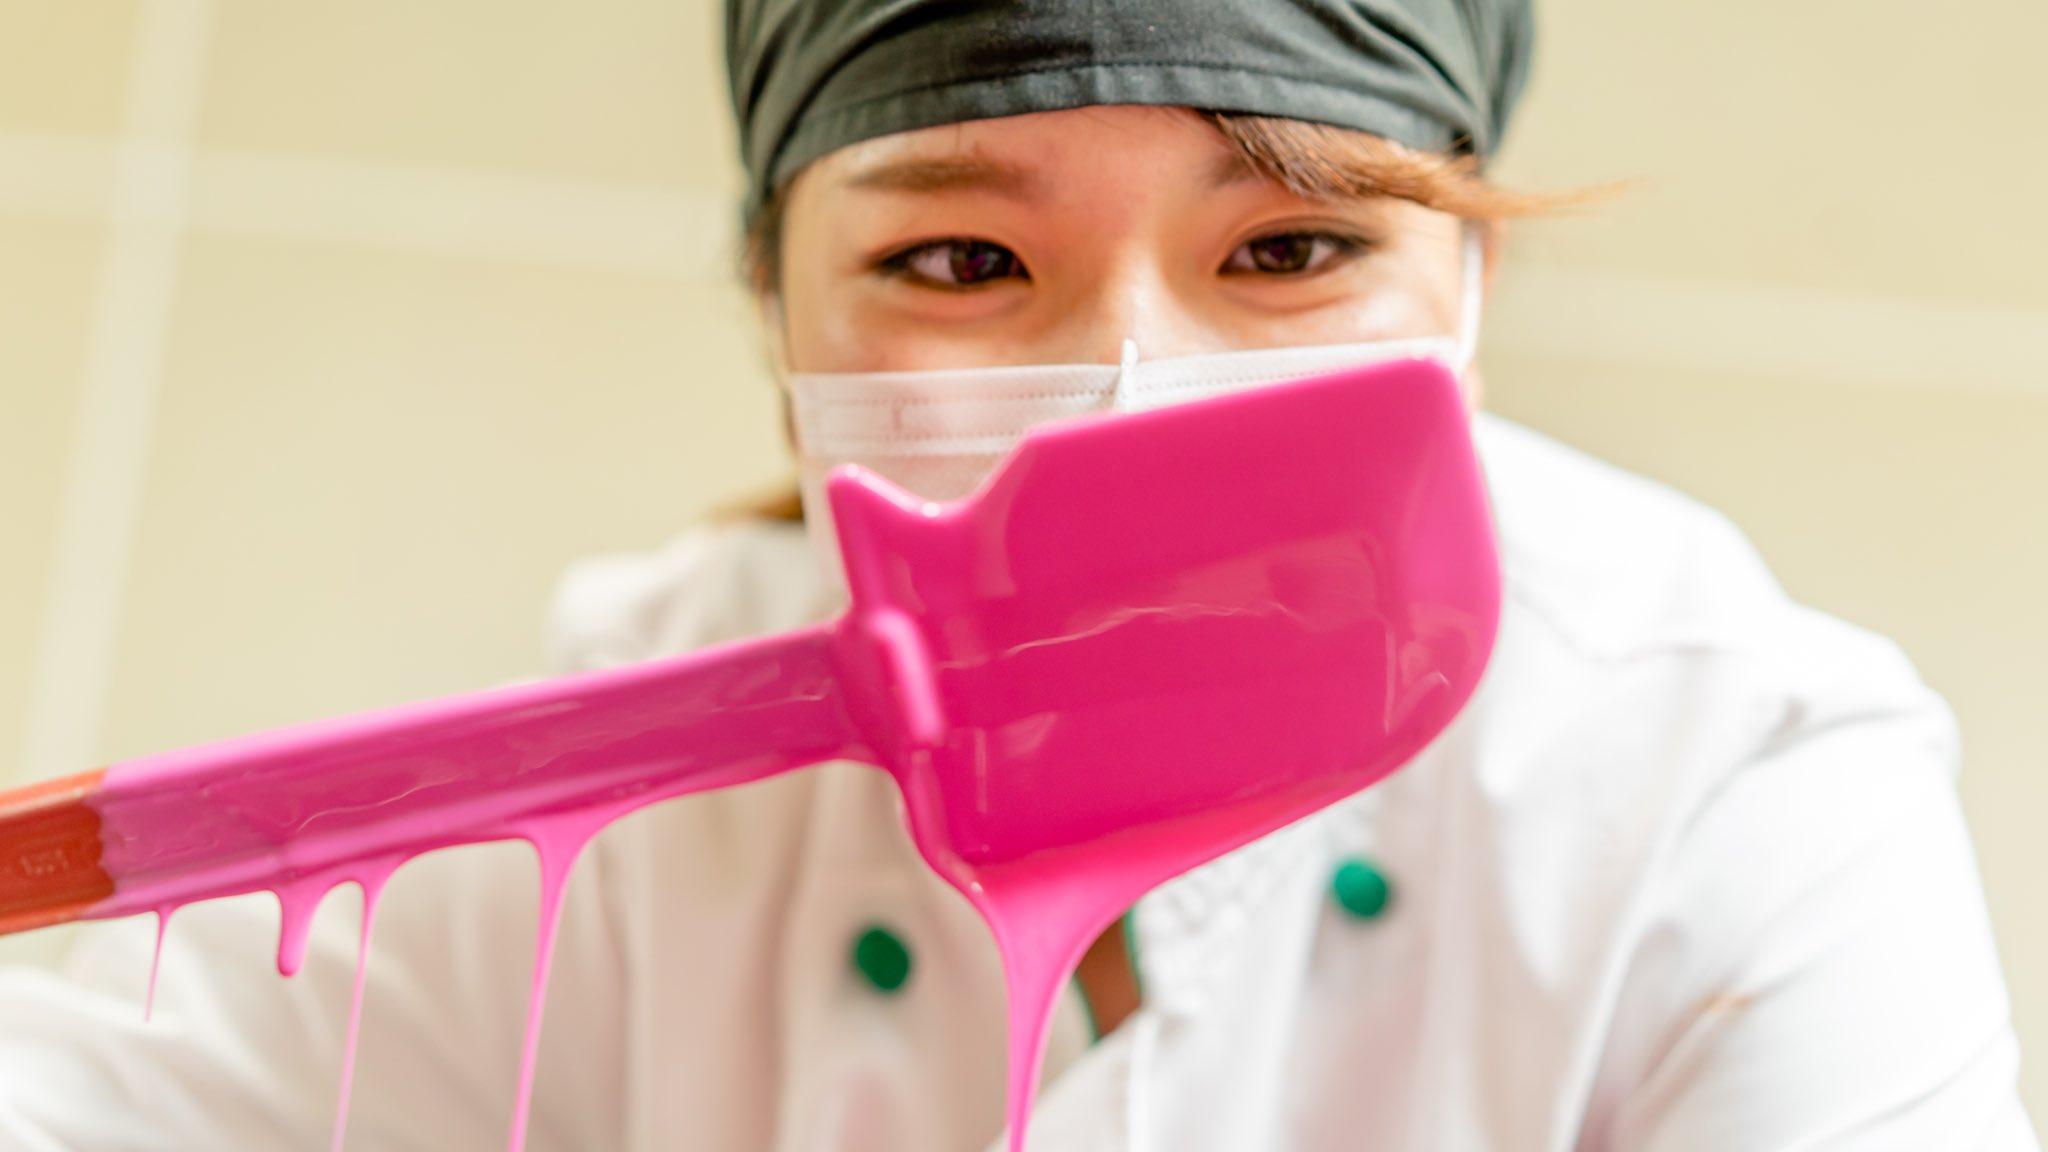 Lush Kitchen 日本版 on Twitter: